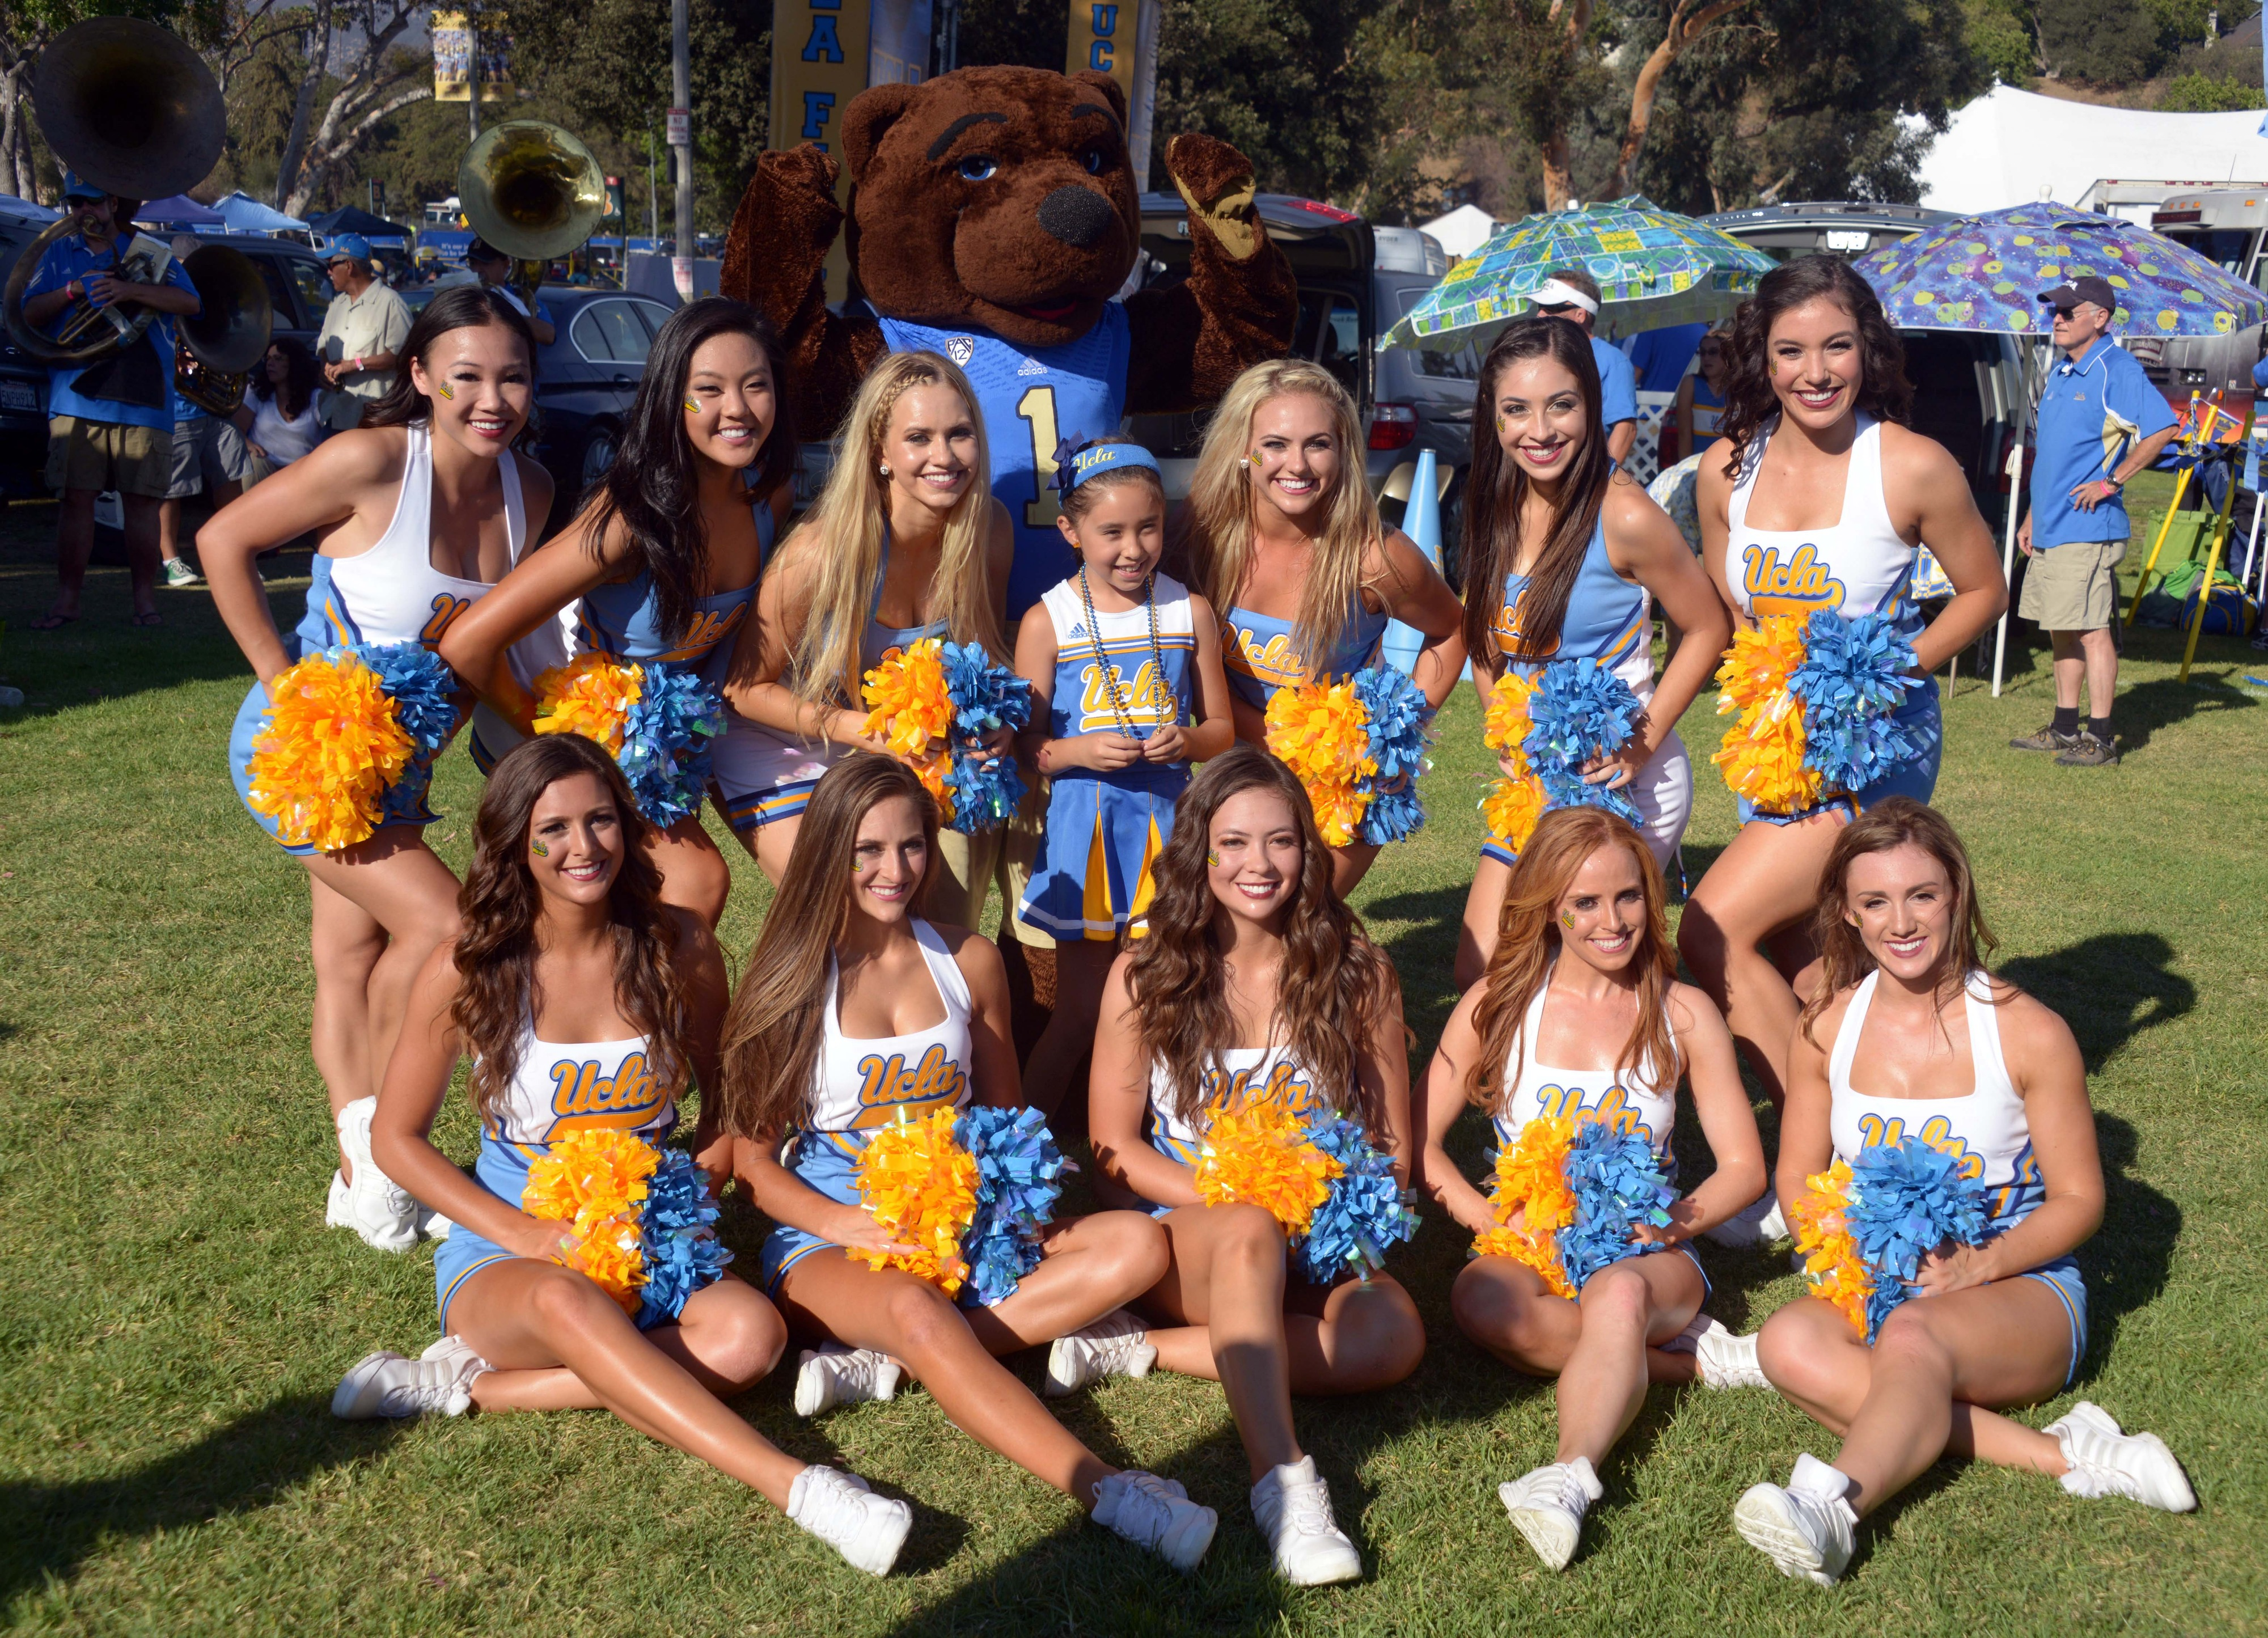 RUN GIRLS RUN IT'S A BEAR